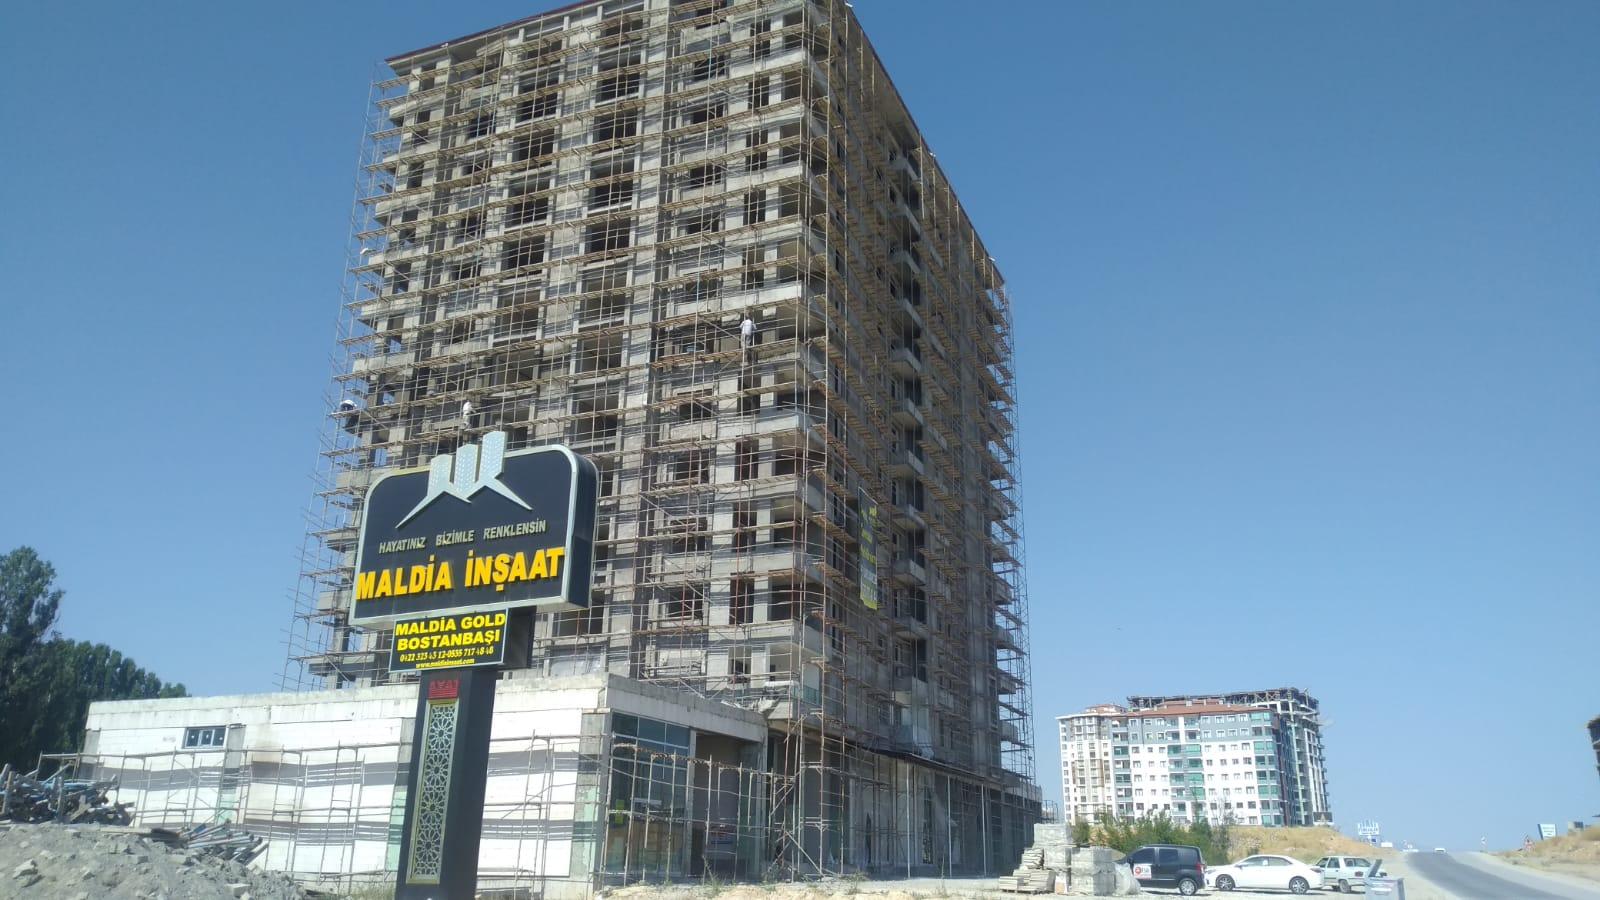 Maldia Gold yaşam merkezi sakinleri heyecanlı günler yaşıyor